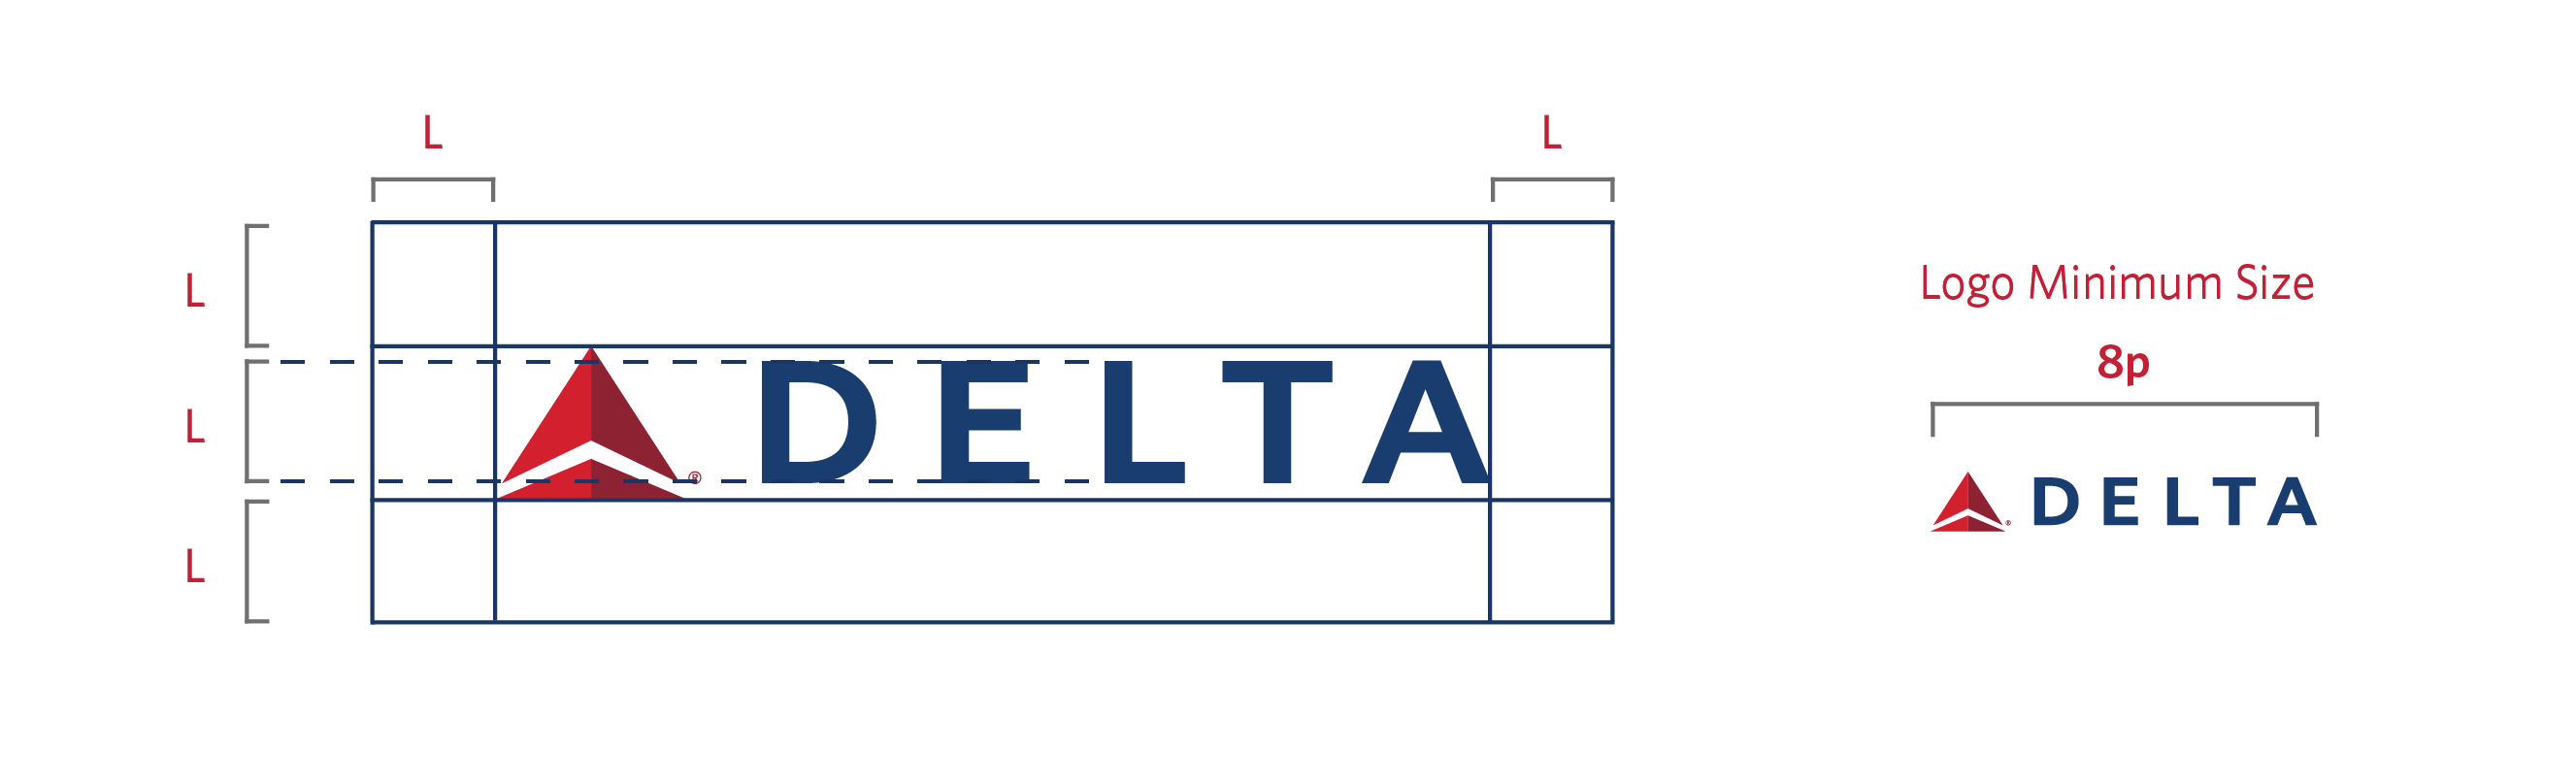 Delta Logos | Delta News Hub